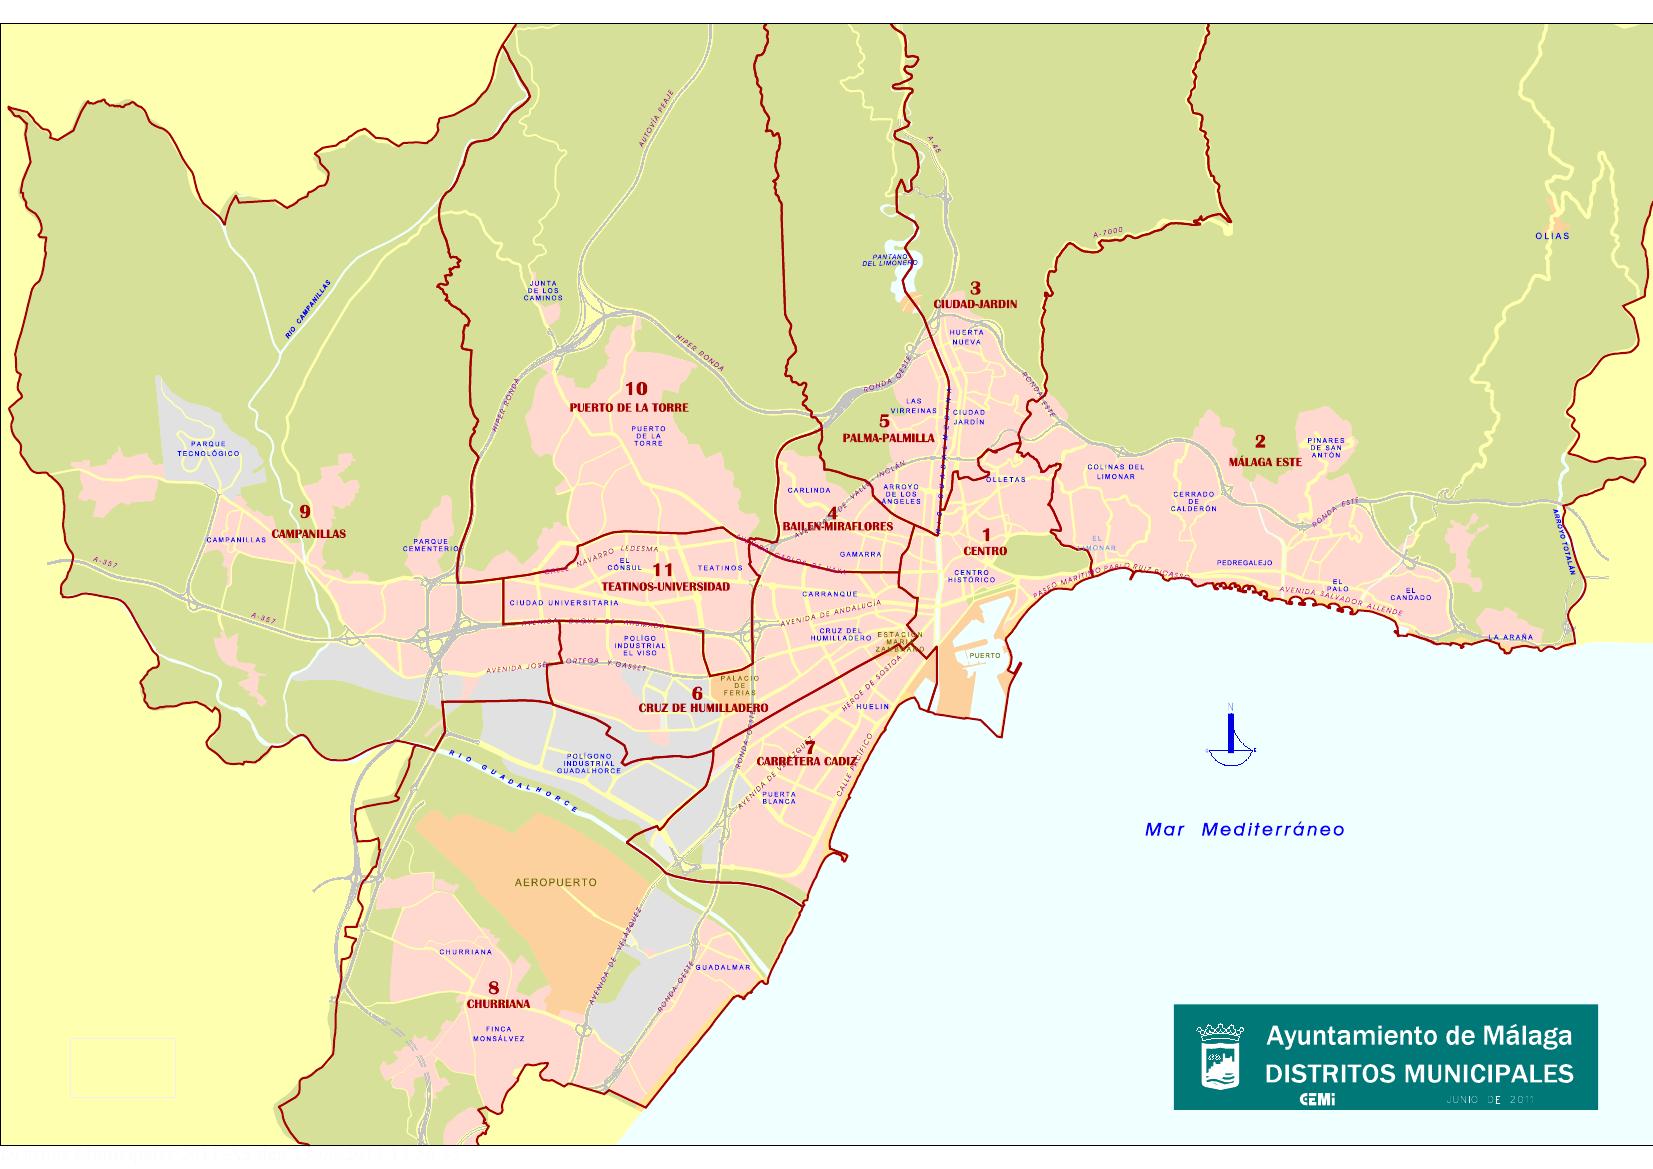 Mapa distritos municipales m laga ayuntamiento de m laga for Ayuntamiento de villel de mesa